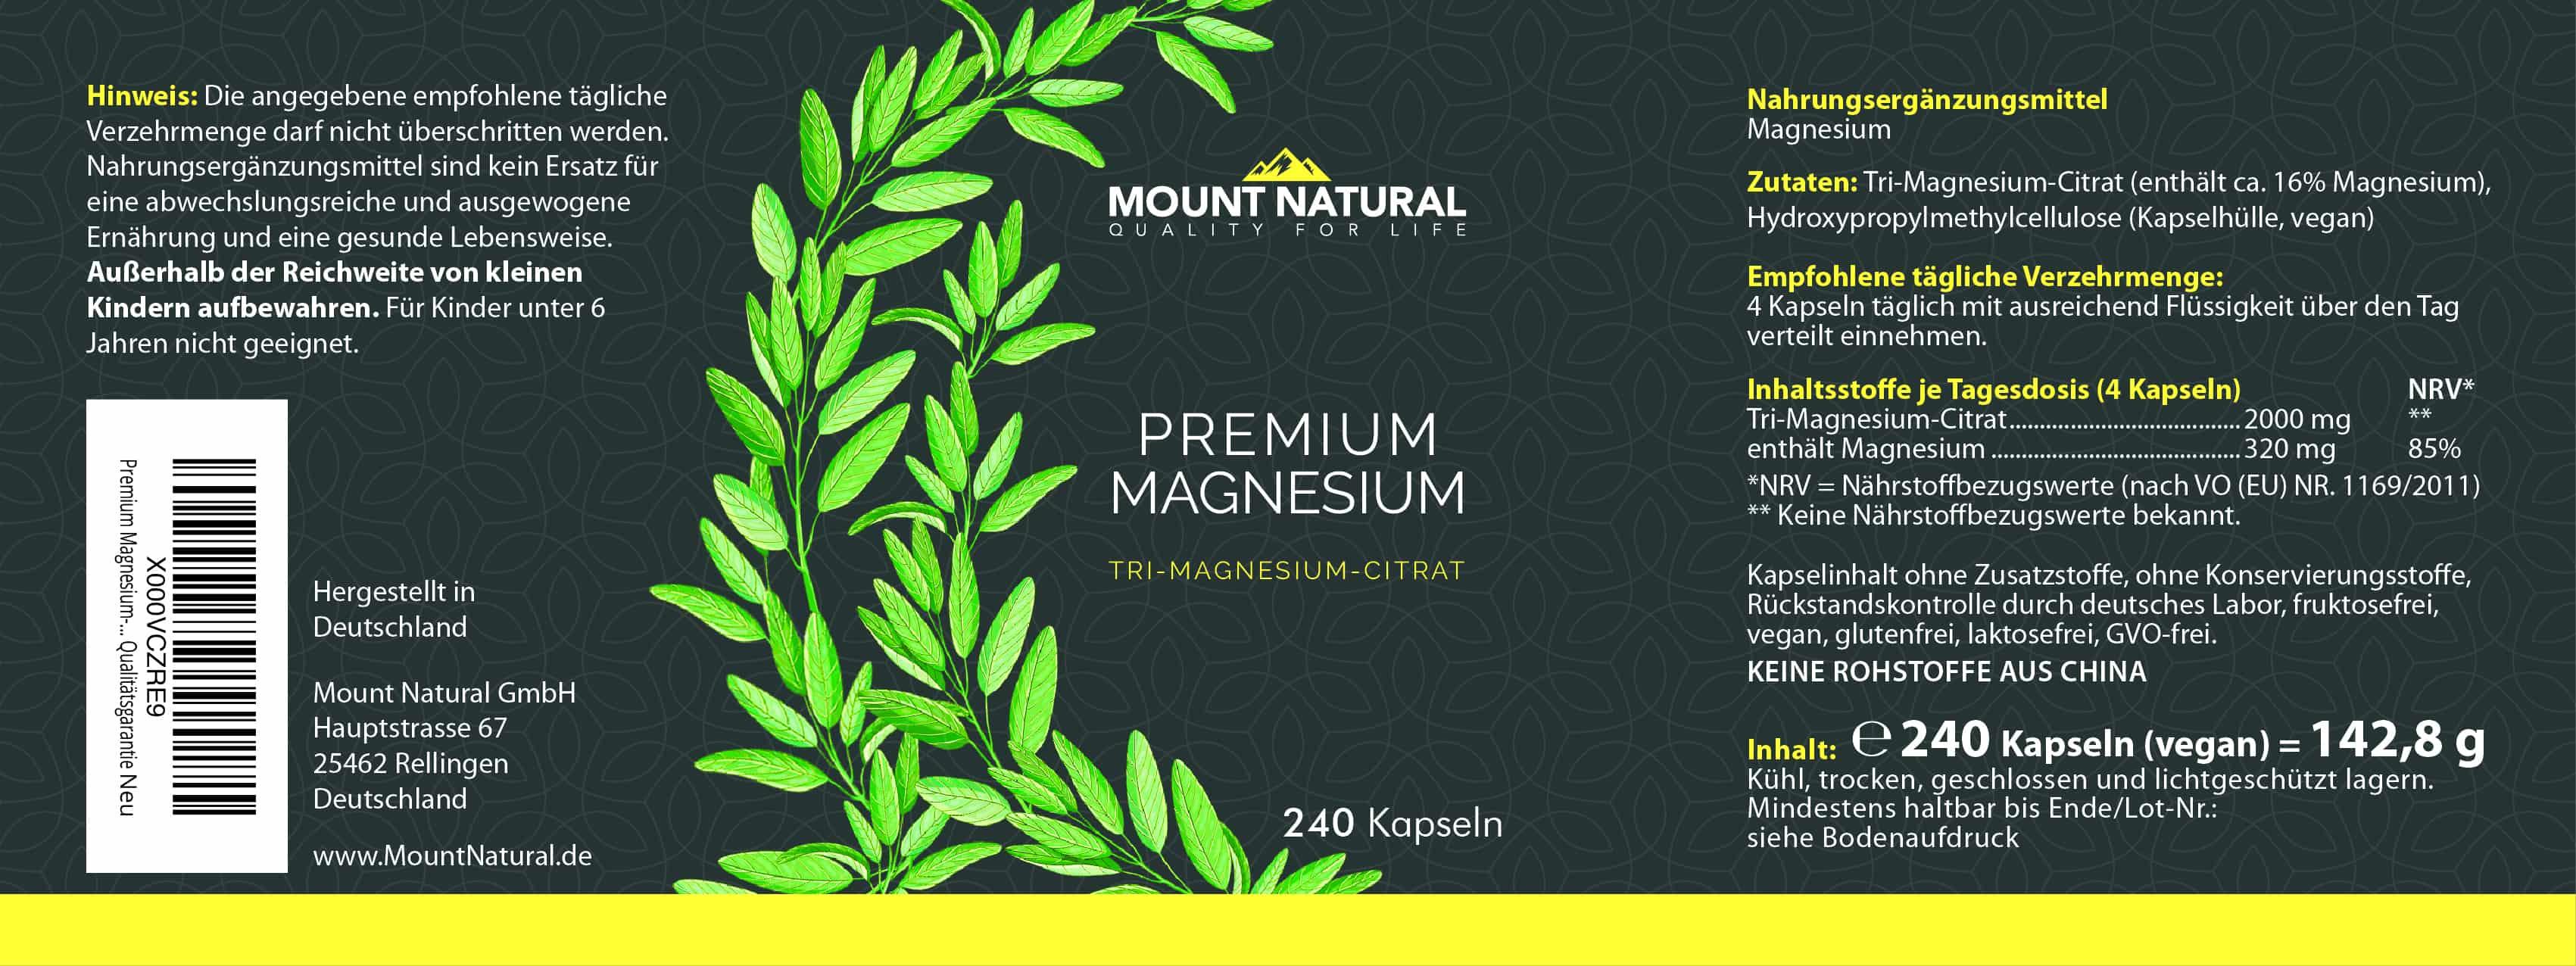 Premium Magnesium Mount Natural Tricitrat Magnesiumcitrat